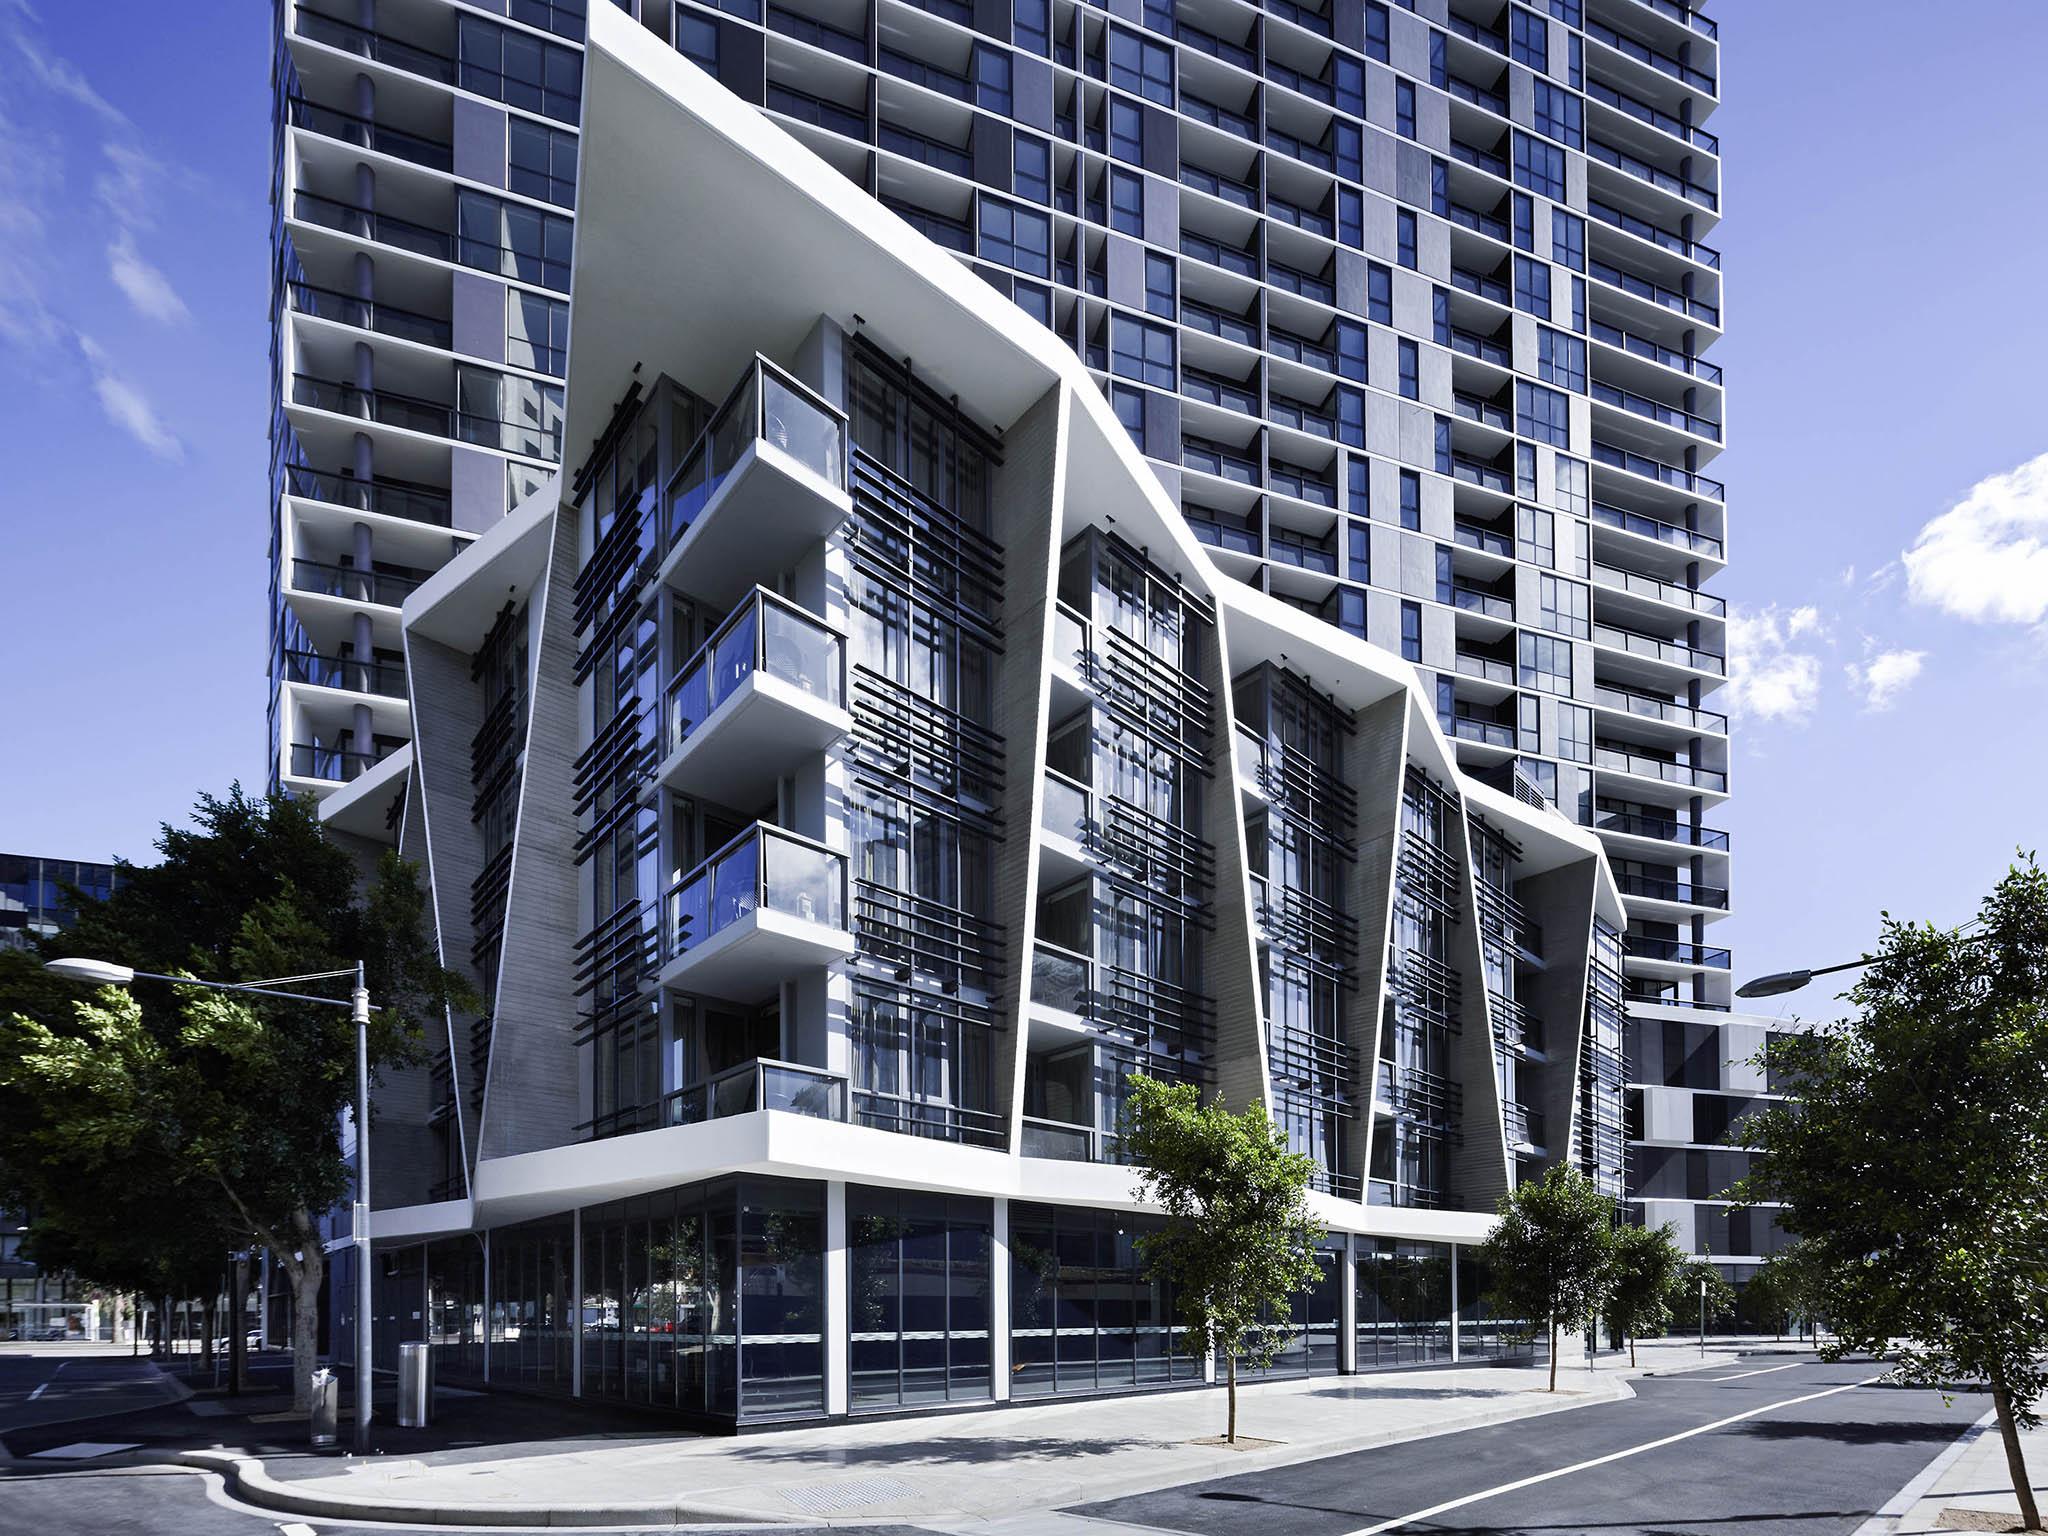 Hôtel - The Sebel Residences - Melbourne Docklands